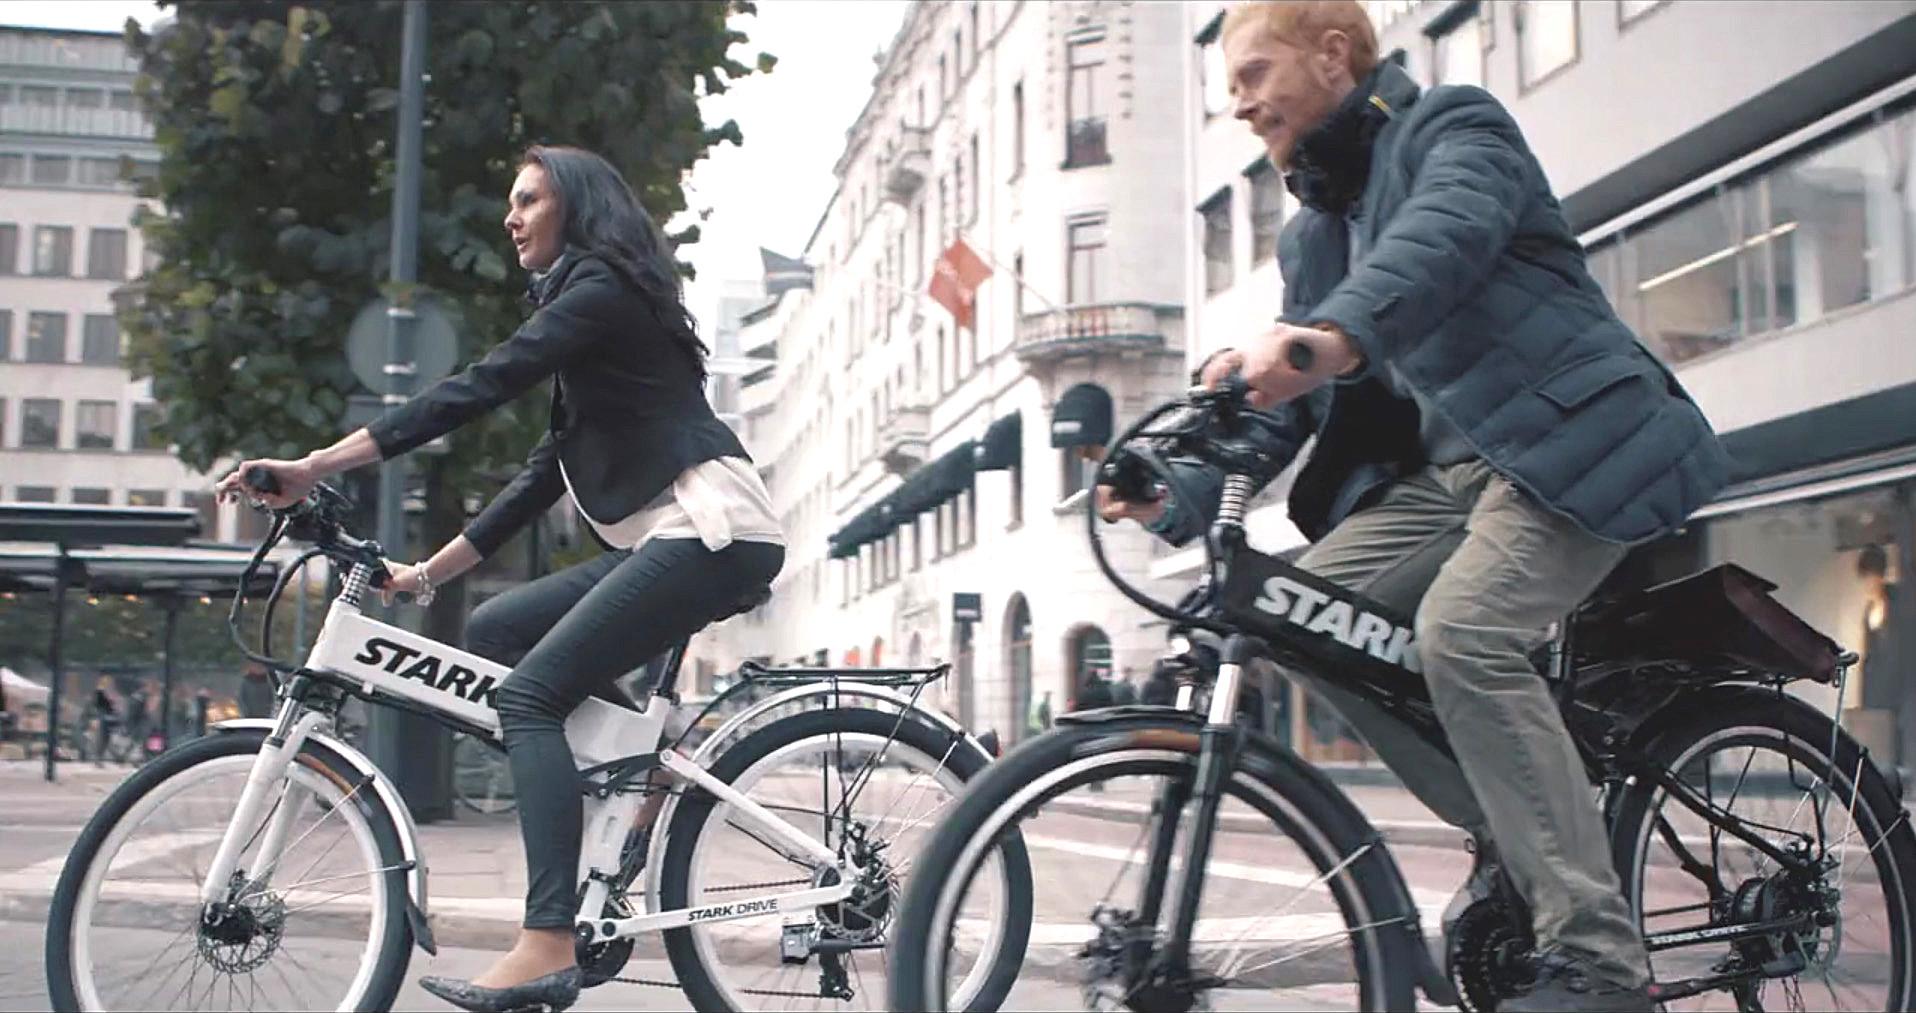 Как ни крути: когда электробайки заменят обычные велосипеды